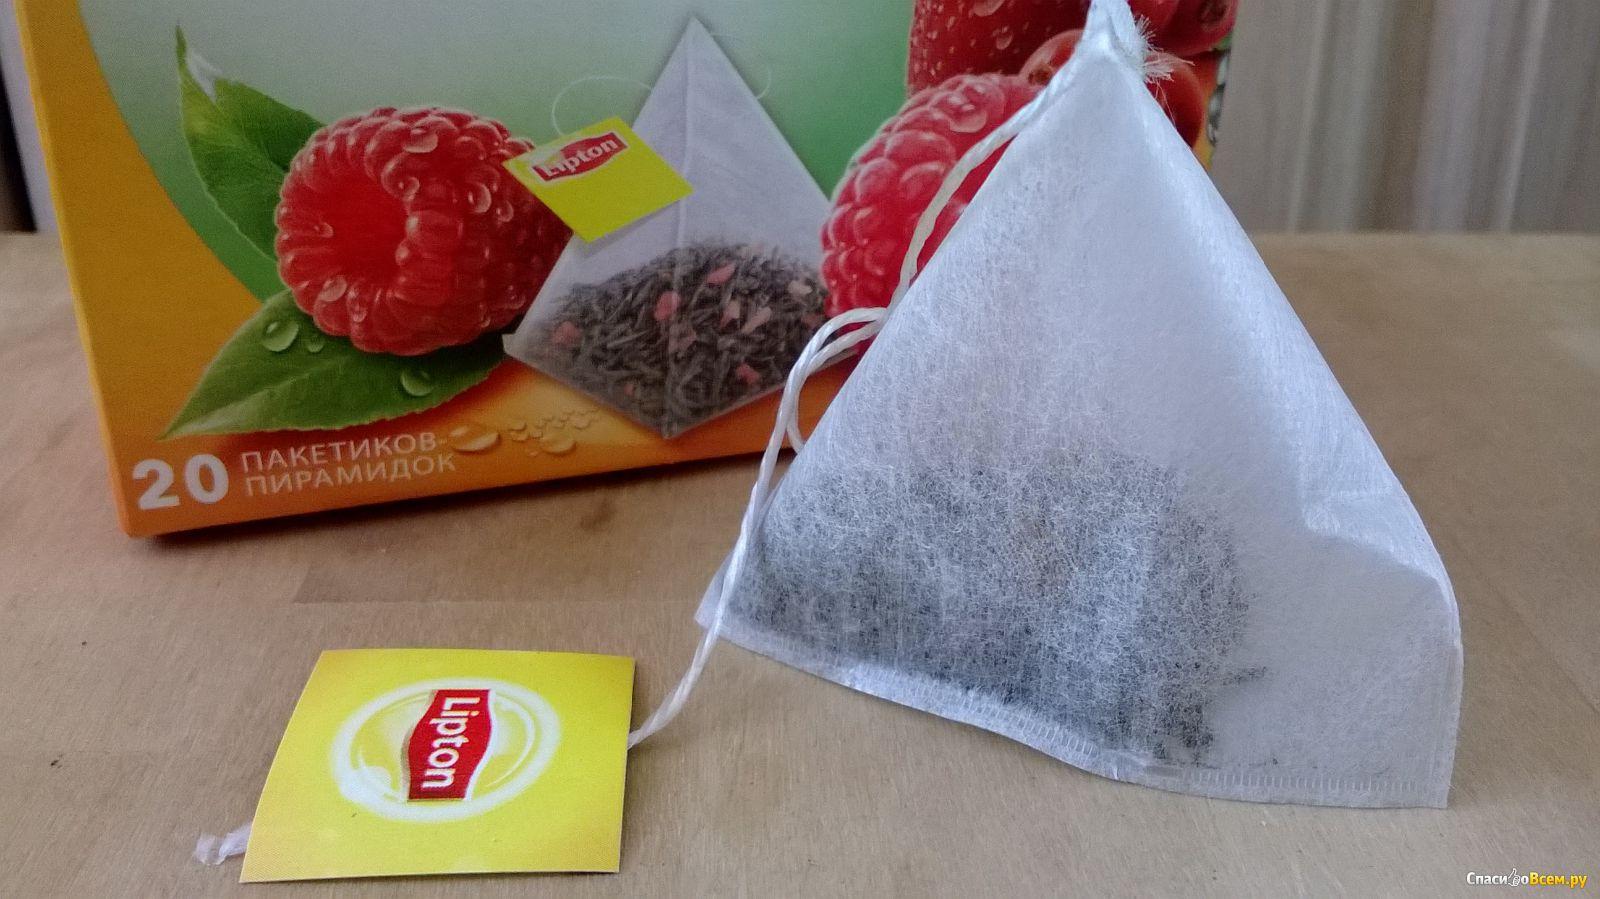 Как сделать пакетированный чай